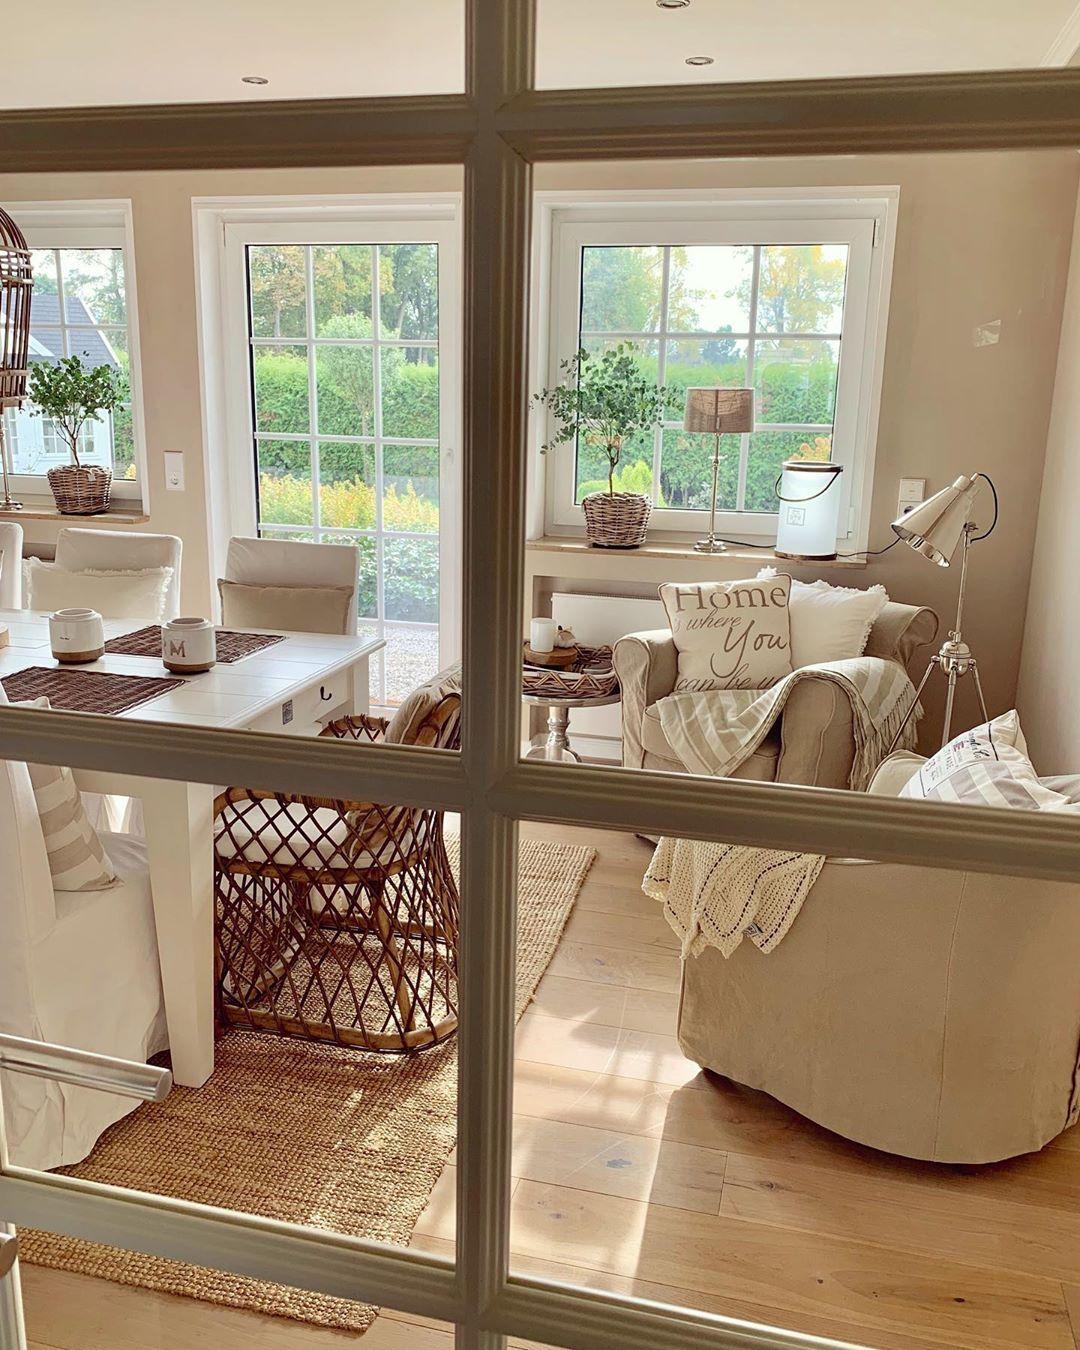 Schonen Dienstag Liebe Instas Rivieramaison Home House Housedesign Homedecor Cottage Landhaus Green Nature Einrichten Und Wohnen Wohnen Home Decor